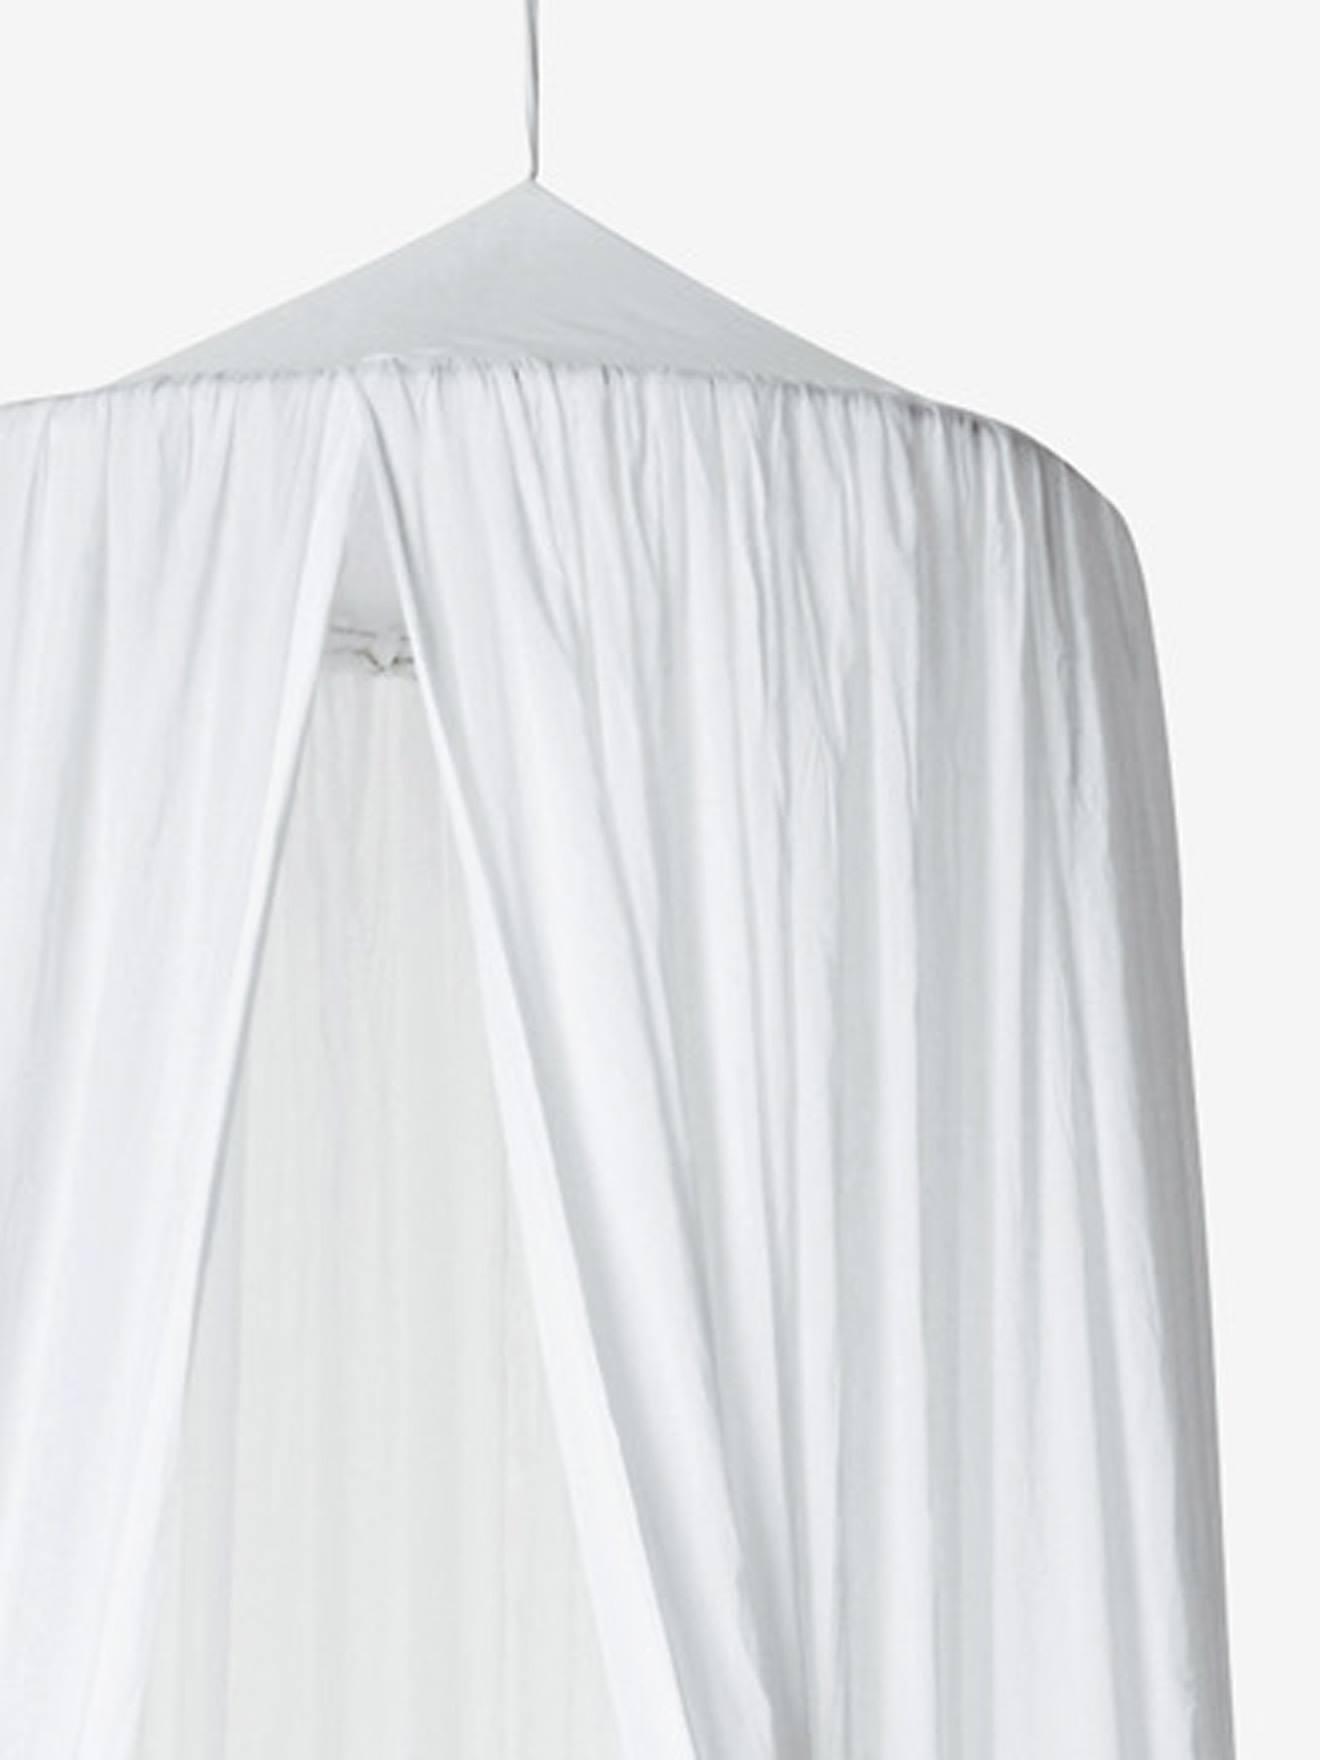 Deko U0026 Aufbewahren Deko Vorhang Betthimmel Für Kinder